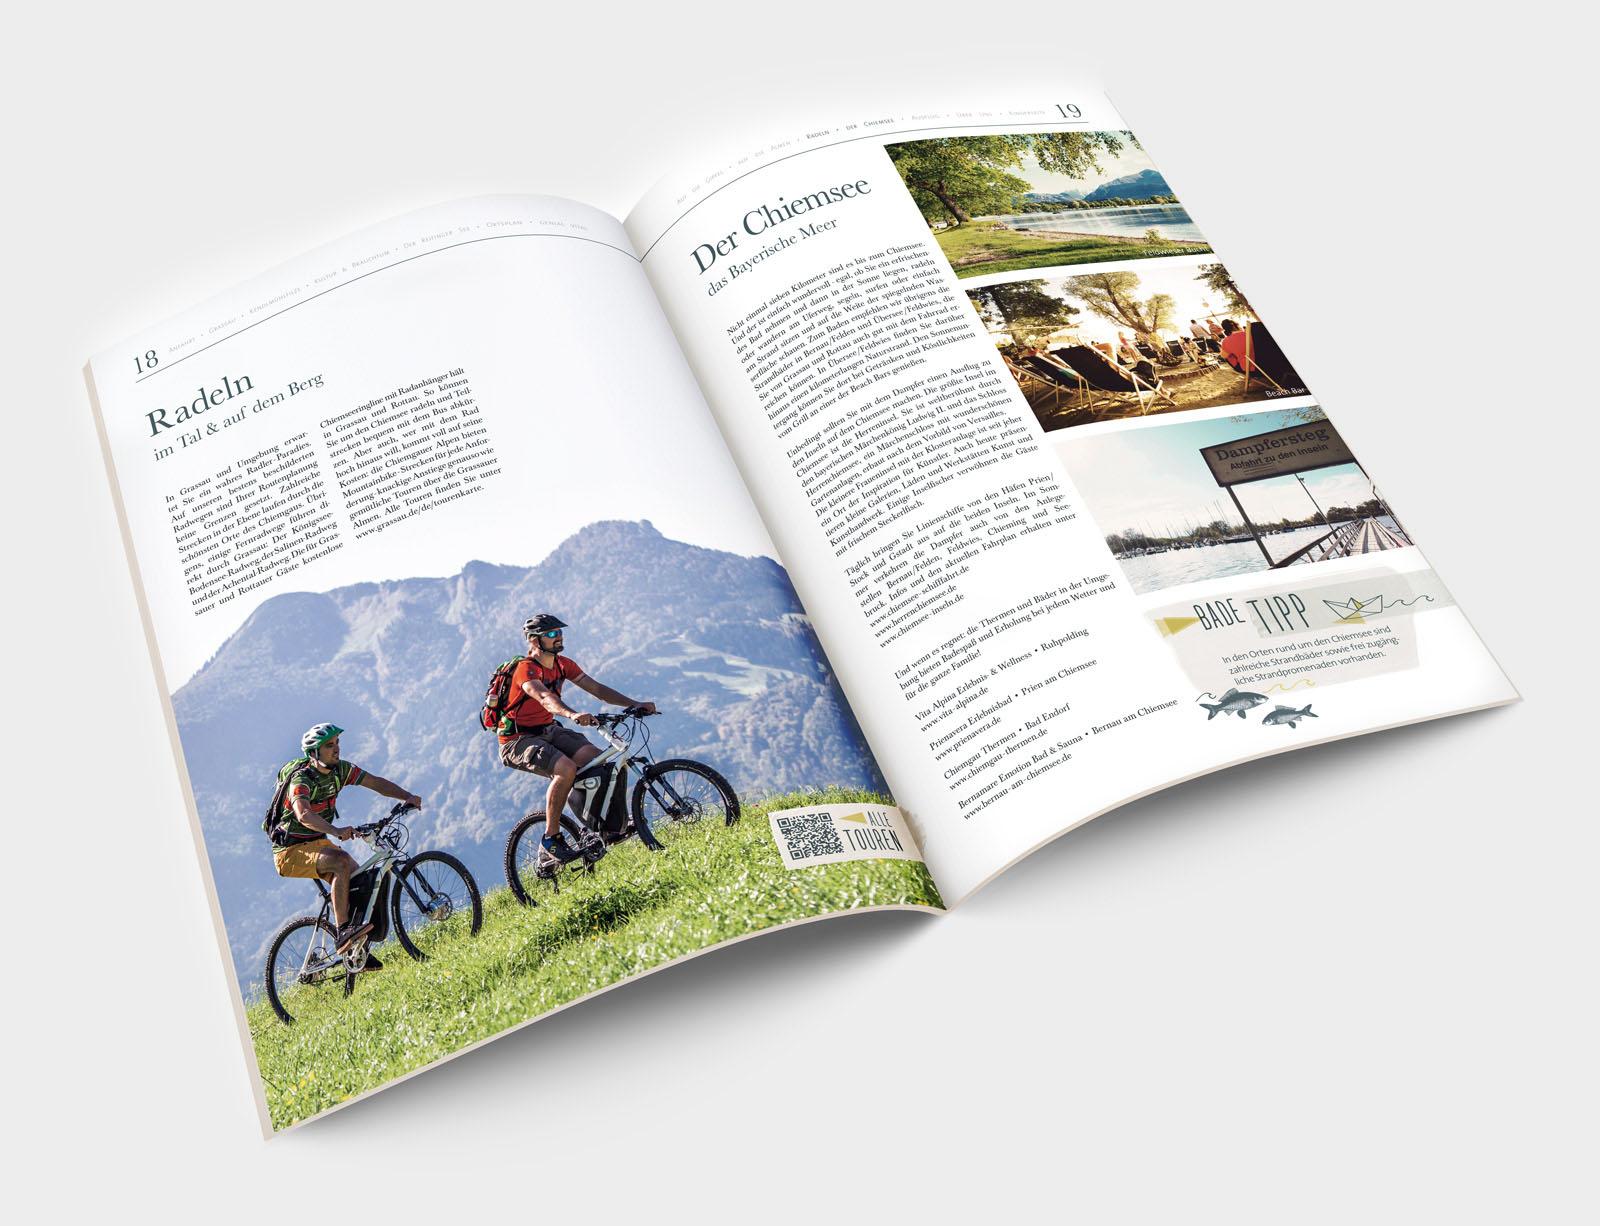 Markt Grassau Imagezeitung Innenseite Radeln und Chiemsee